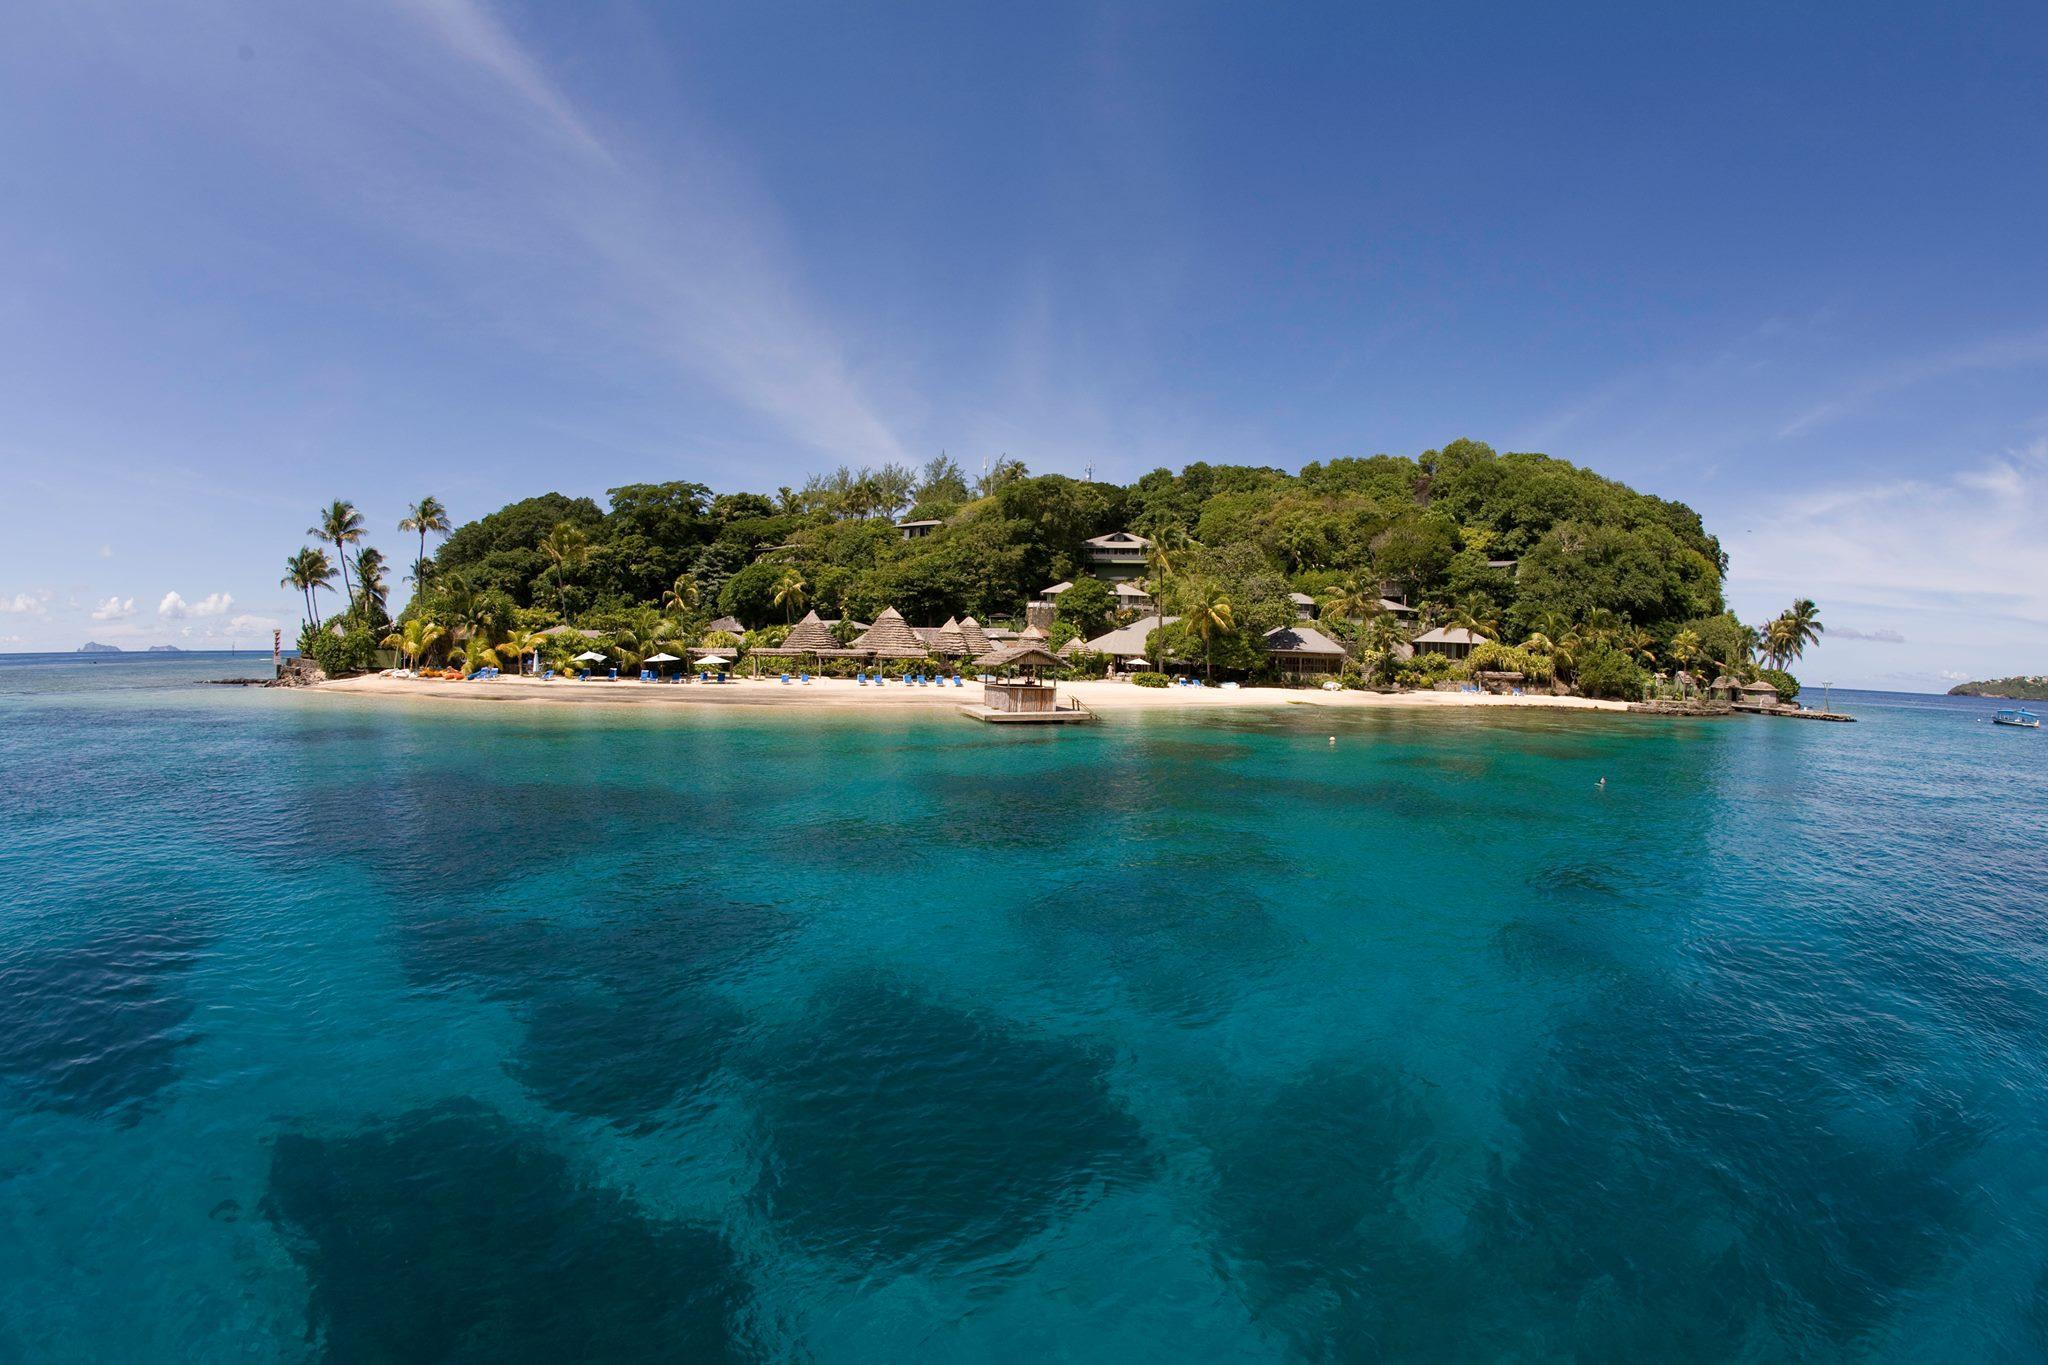 Noleggio Barche Young Island - Navalia | Noleggia un Sogno